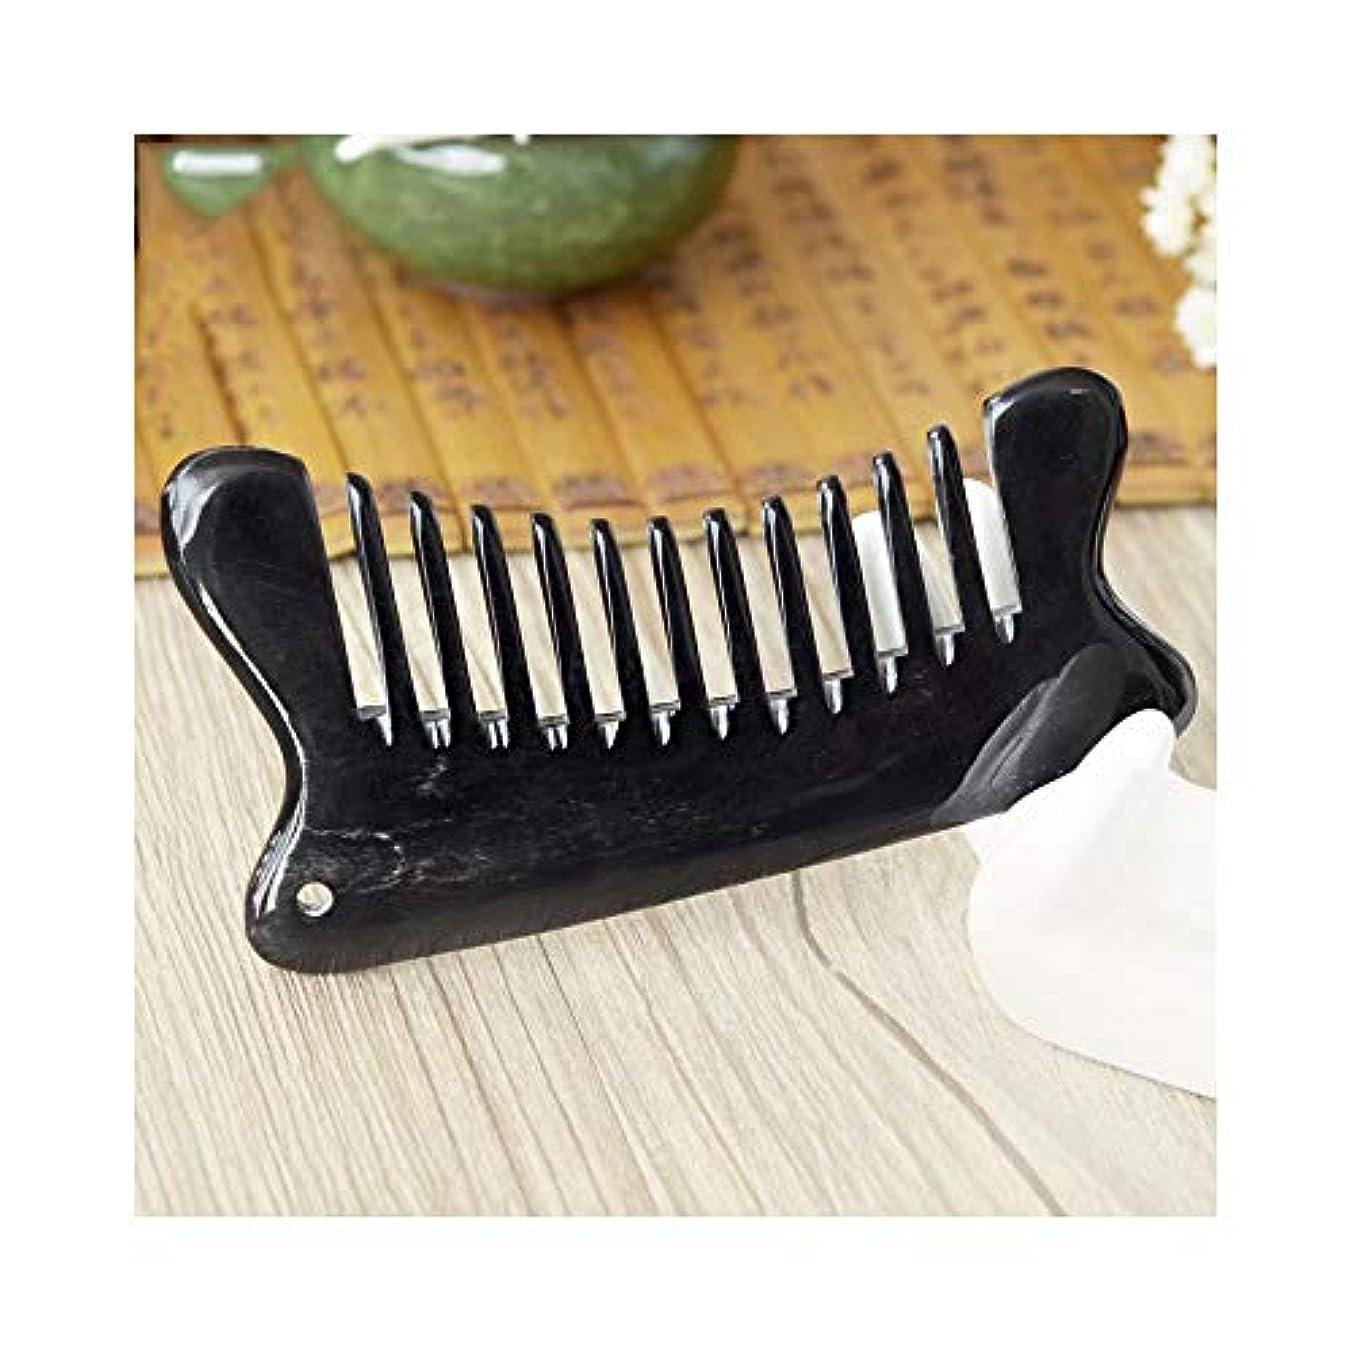 混乱させるソファー大臣ZYDP 女性のための黒い木の櫛の毛の櫛のバッファローの角の広い歯のマッサージの櫛 (色 : 997)